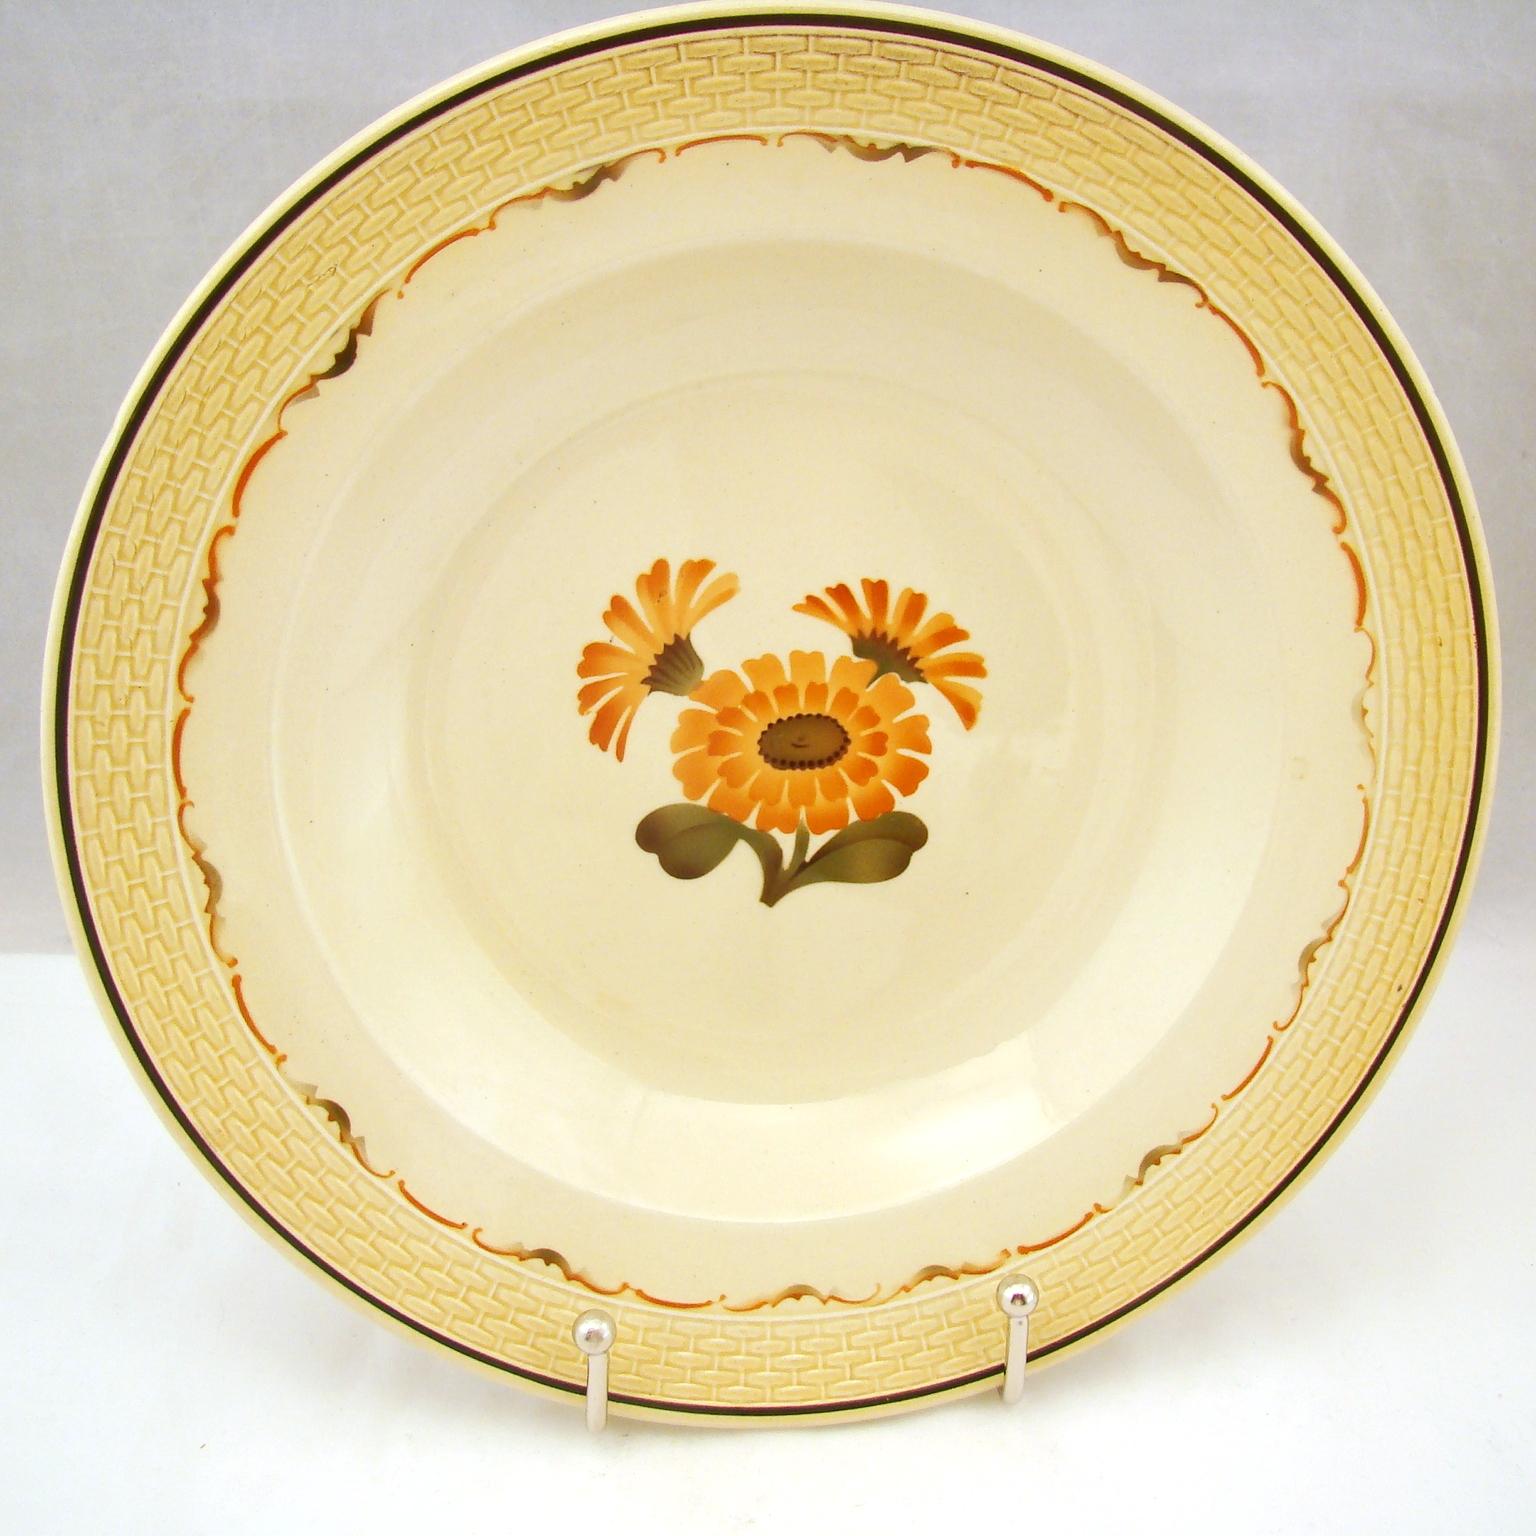 Royal Copenhagen MORGENFRUE Marigold/Zinnia Soup Bowl(s) 9 7/8  1948 Mark  sc 1 st  eBay & Royal Copenhagen MORGENFRUE Marigold/Zinnia Soup Bowl(s) 9 7/8